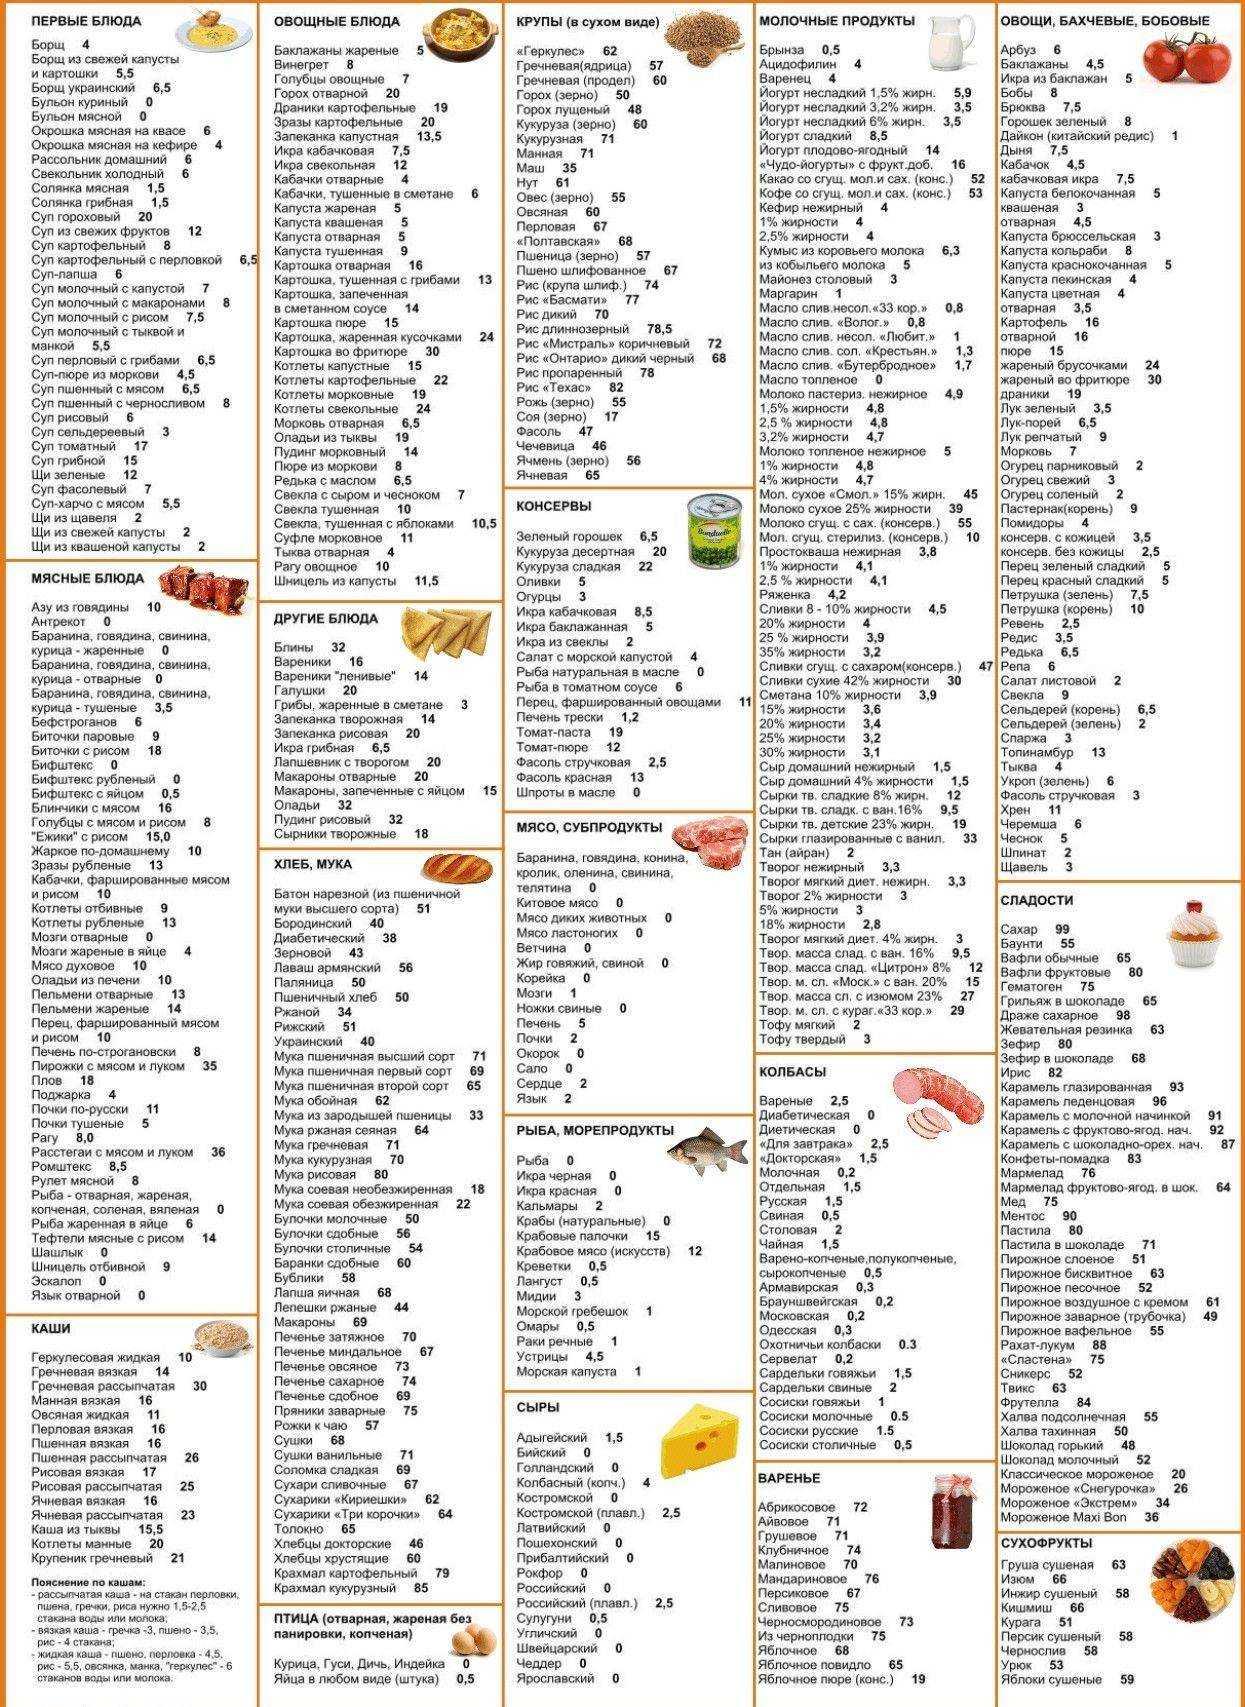 Кето диета. суровое жиросжигание